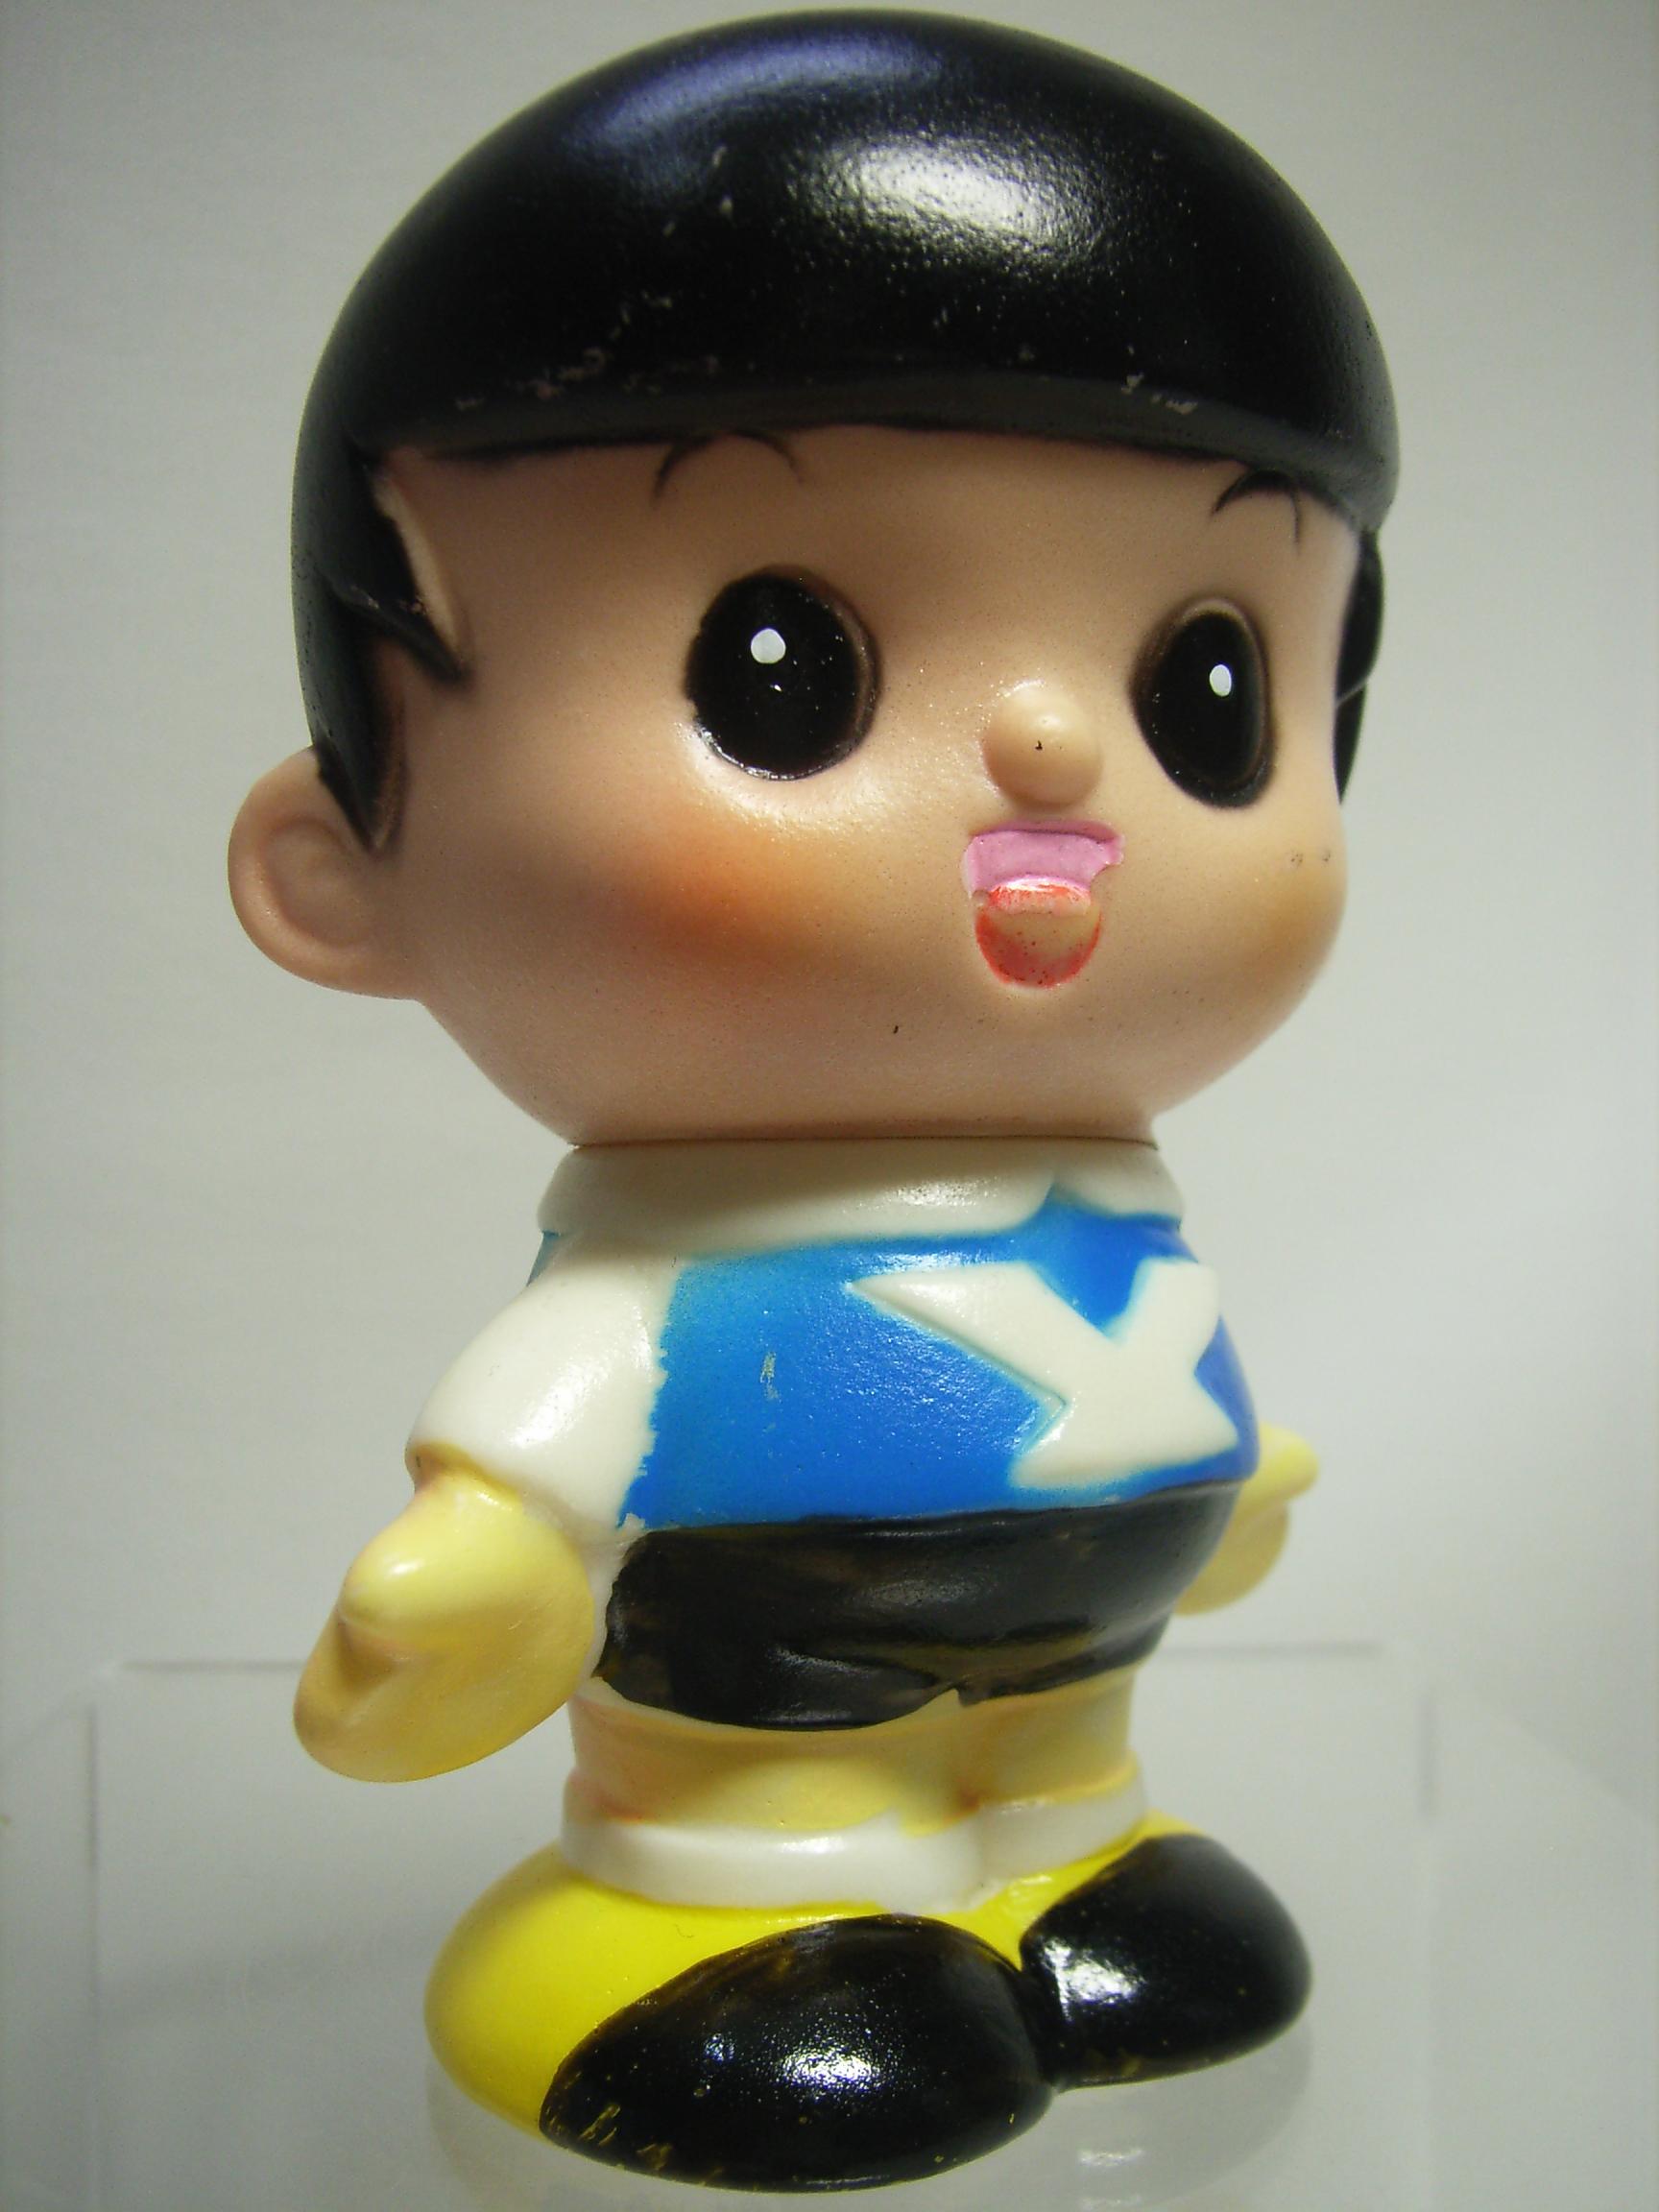 レア☆ヤンマー ヤン坊 ソフビ人形 貯金箱 9.3cm 当時物 現状 【TO2211】